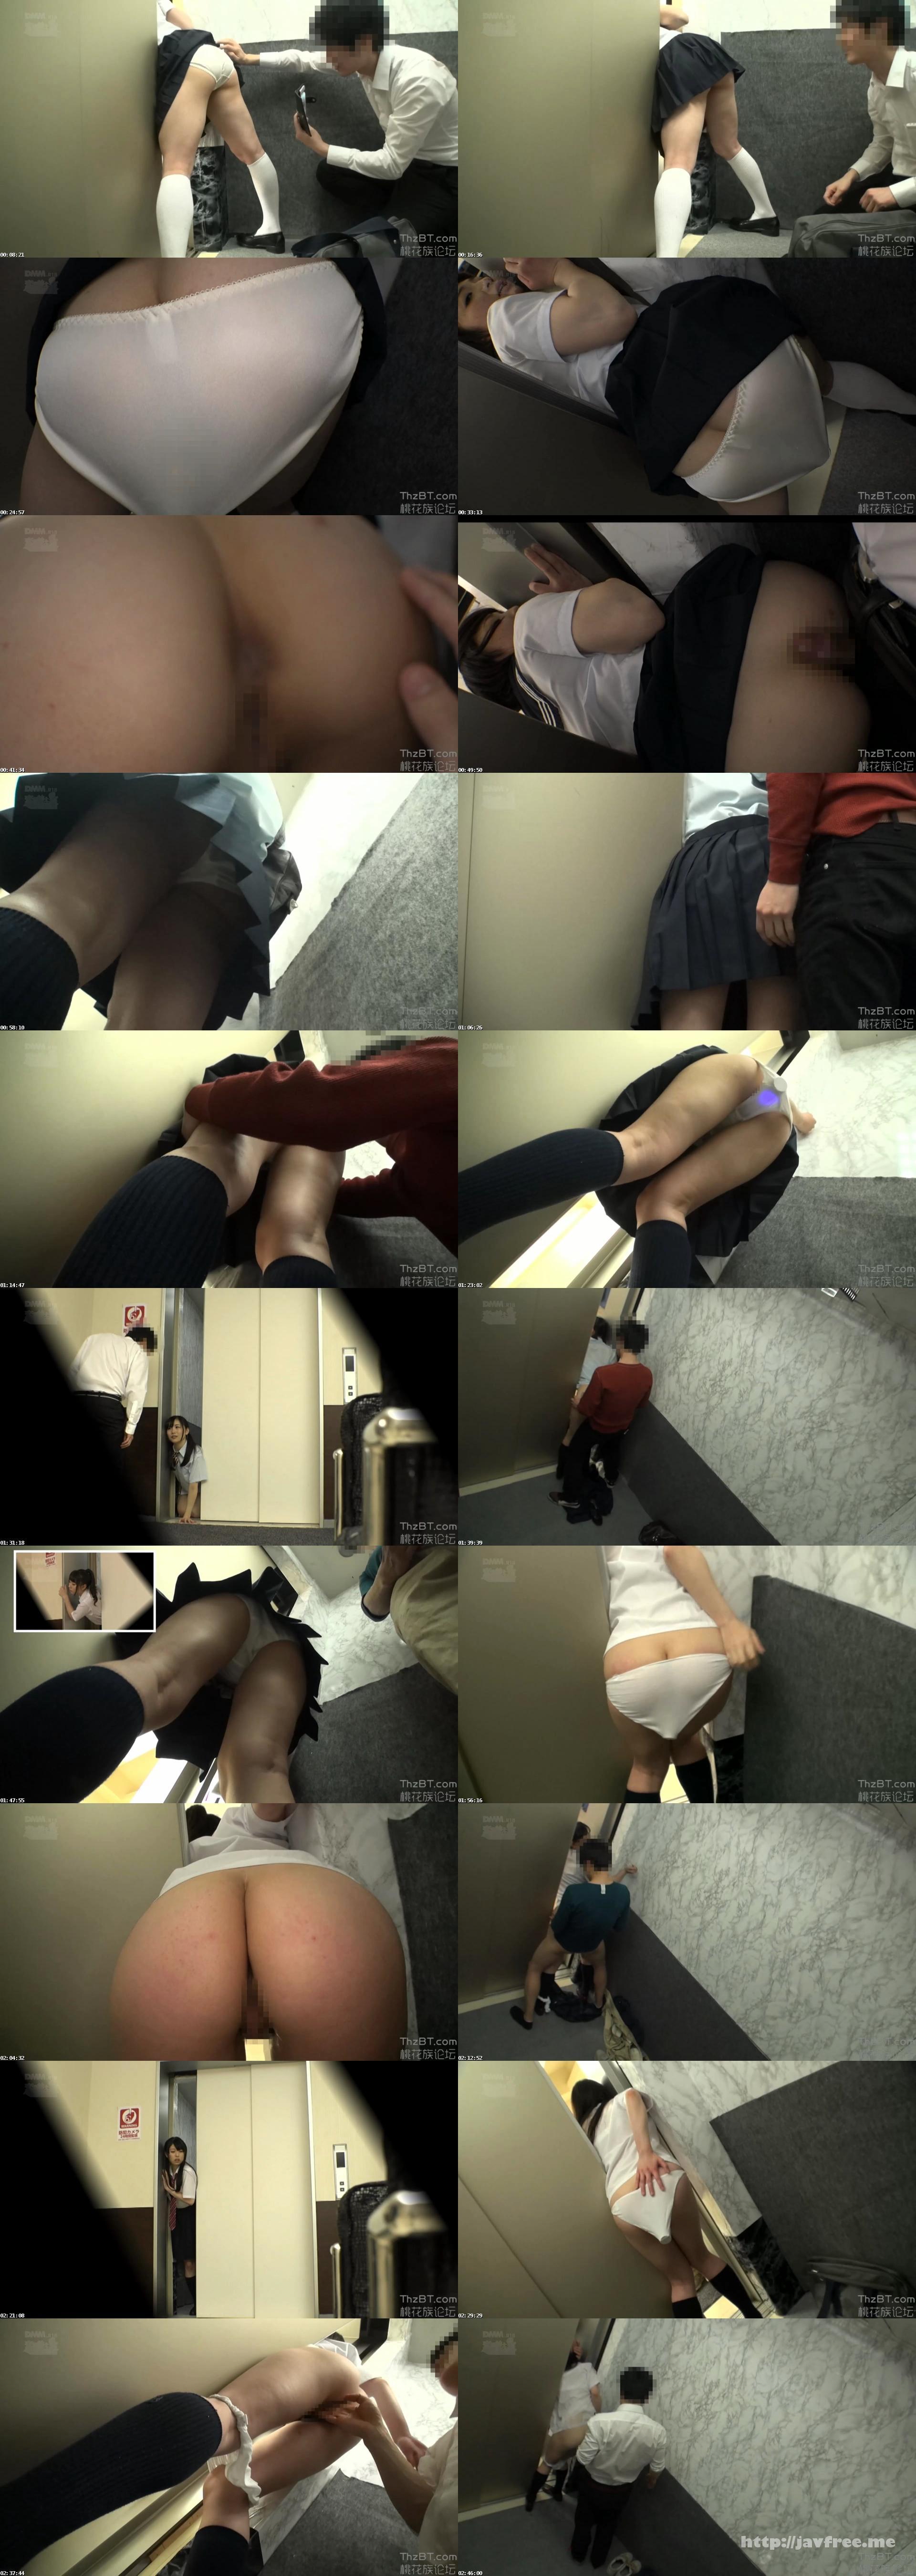 [CLUB-309] リモコン操作できるように改造したエレベーターで女子校生を挟み抜け出せなくさせ、固定バイブで放置してアクメ痴漢レ●プ - image CLUB-309 on https://javfree.me